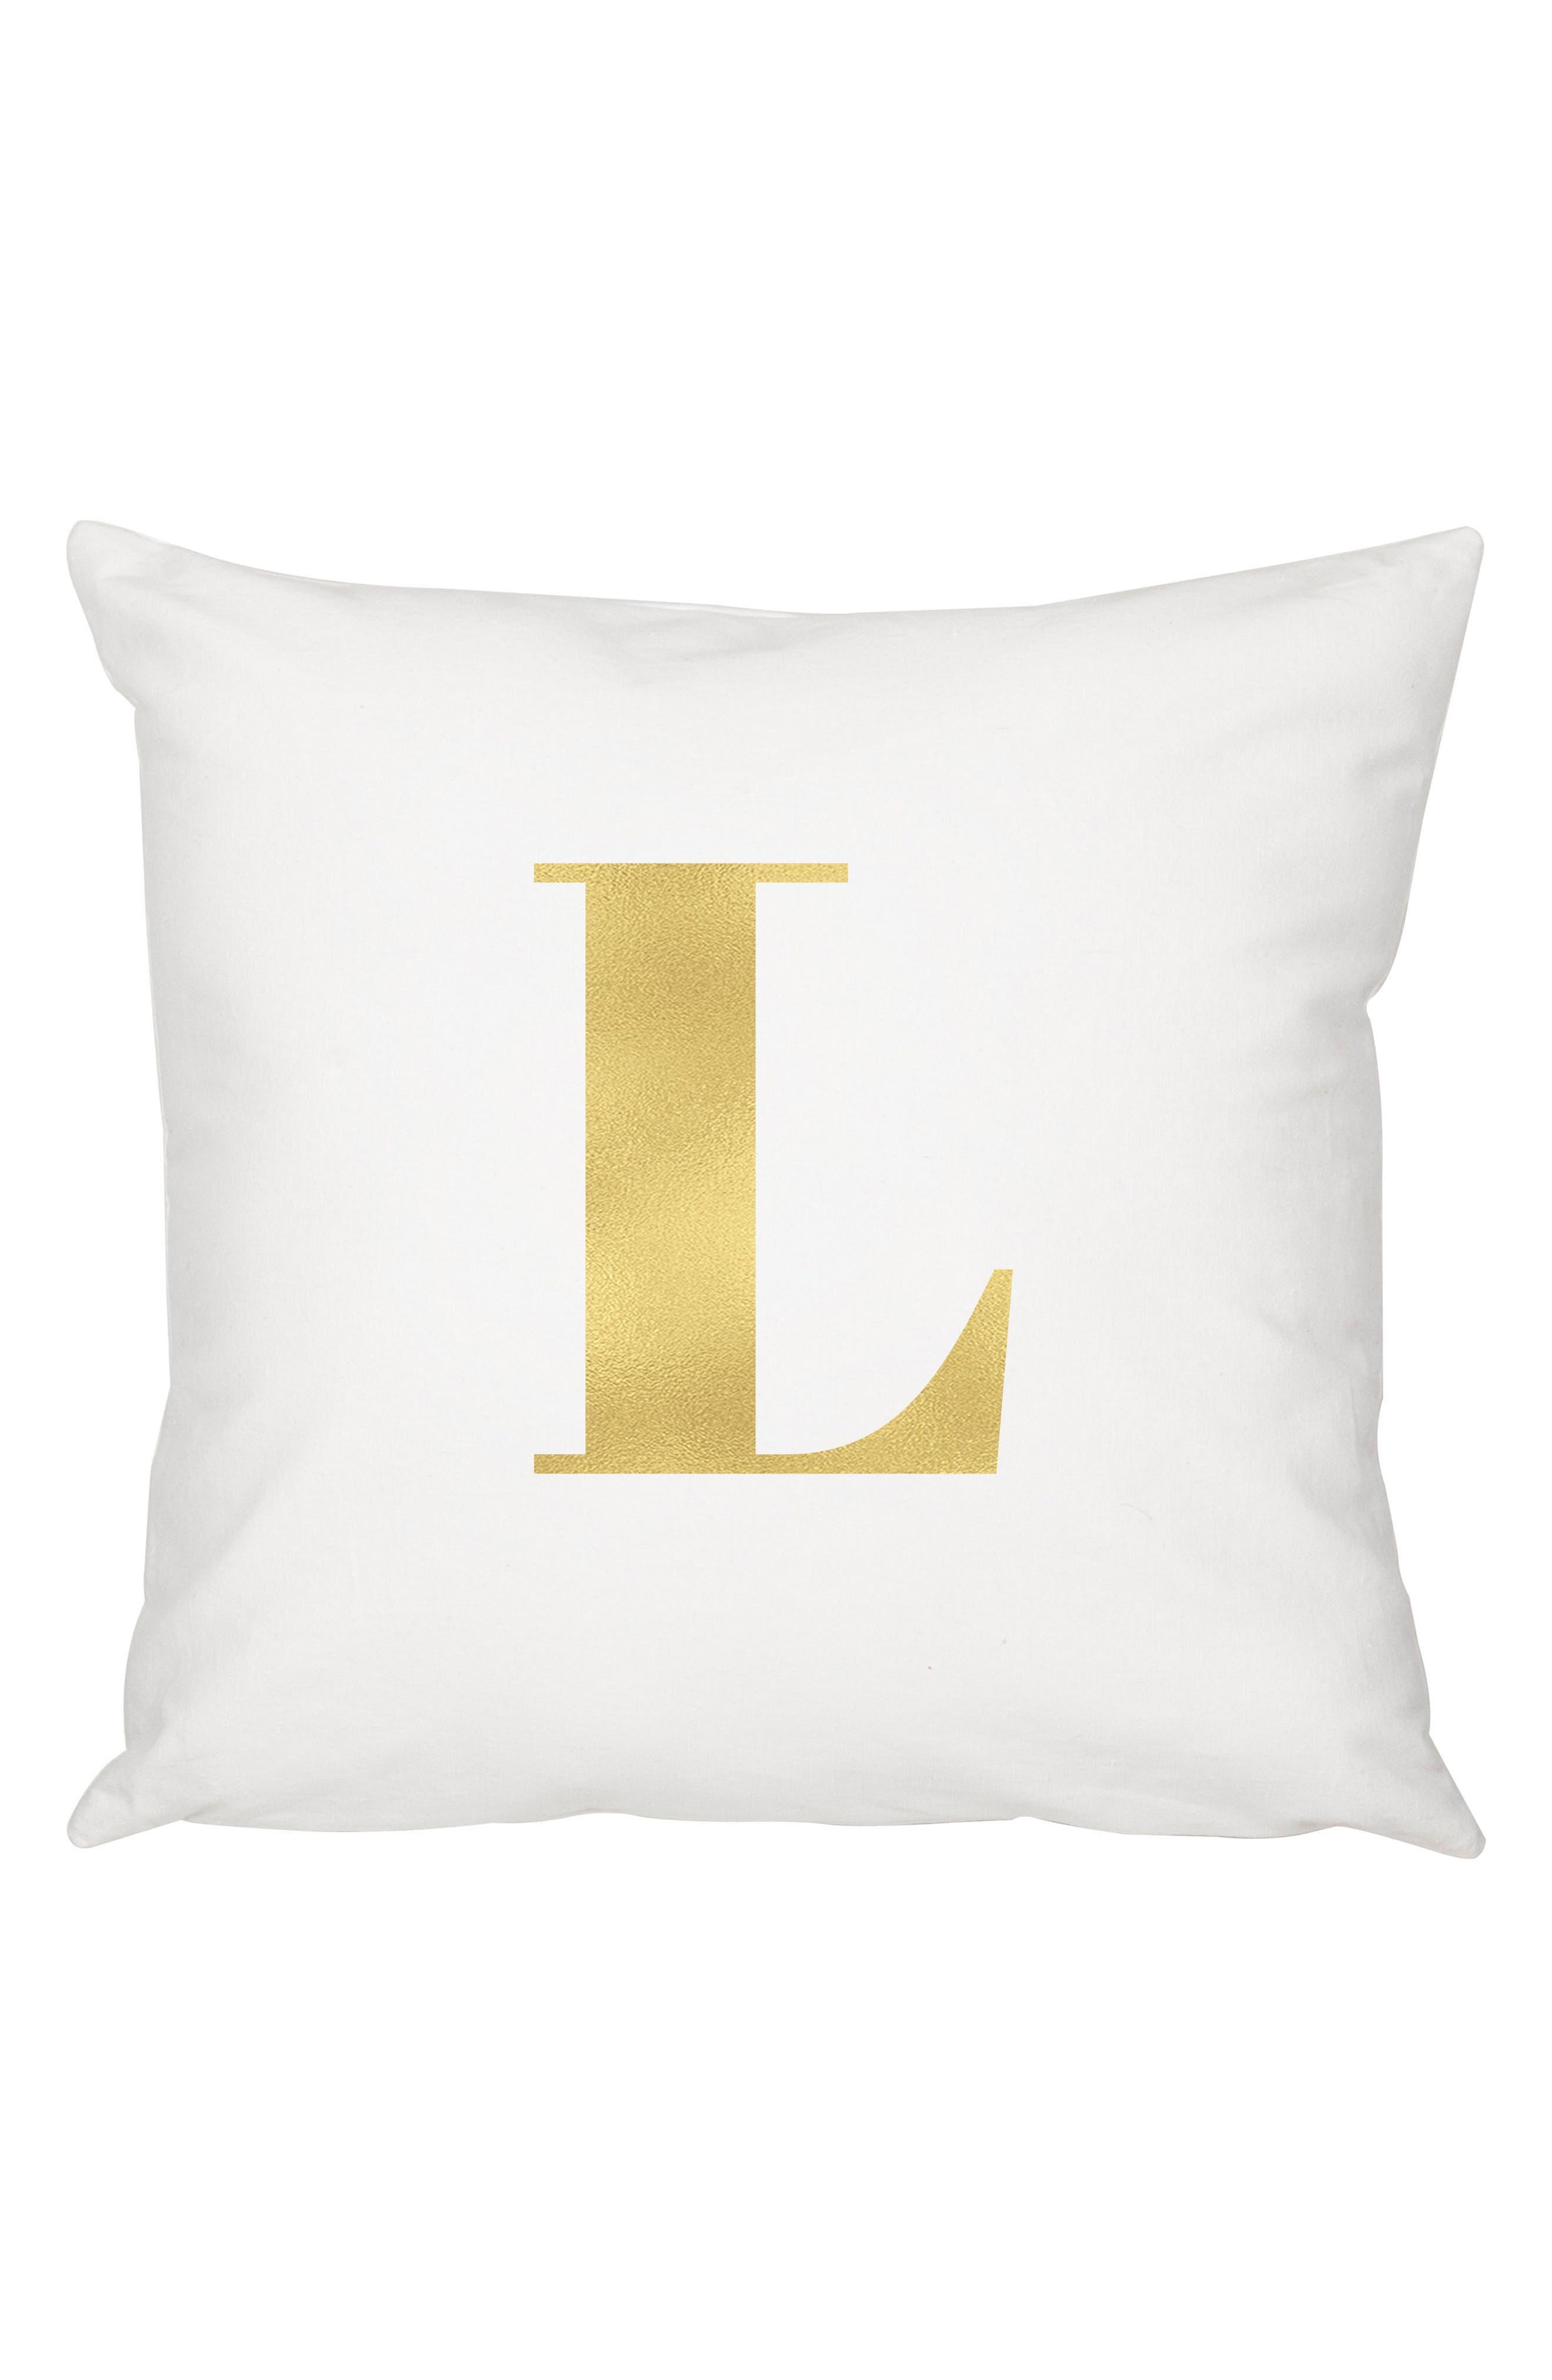 Monogram Accent Pillow,                         Main,                         color, Gold-L